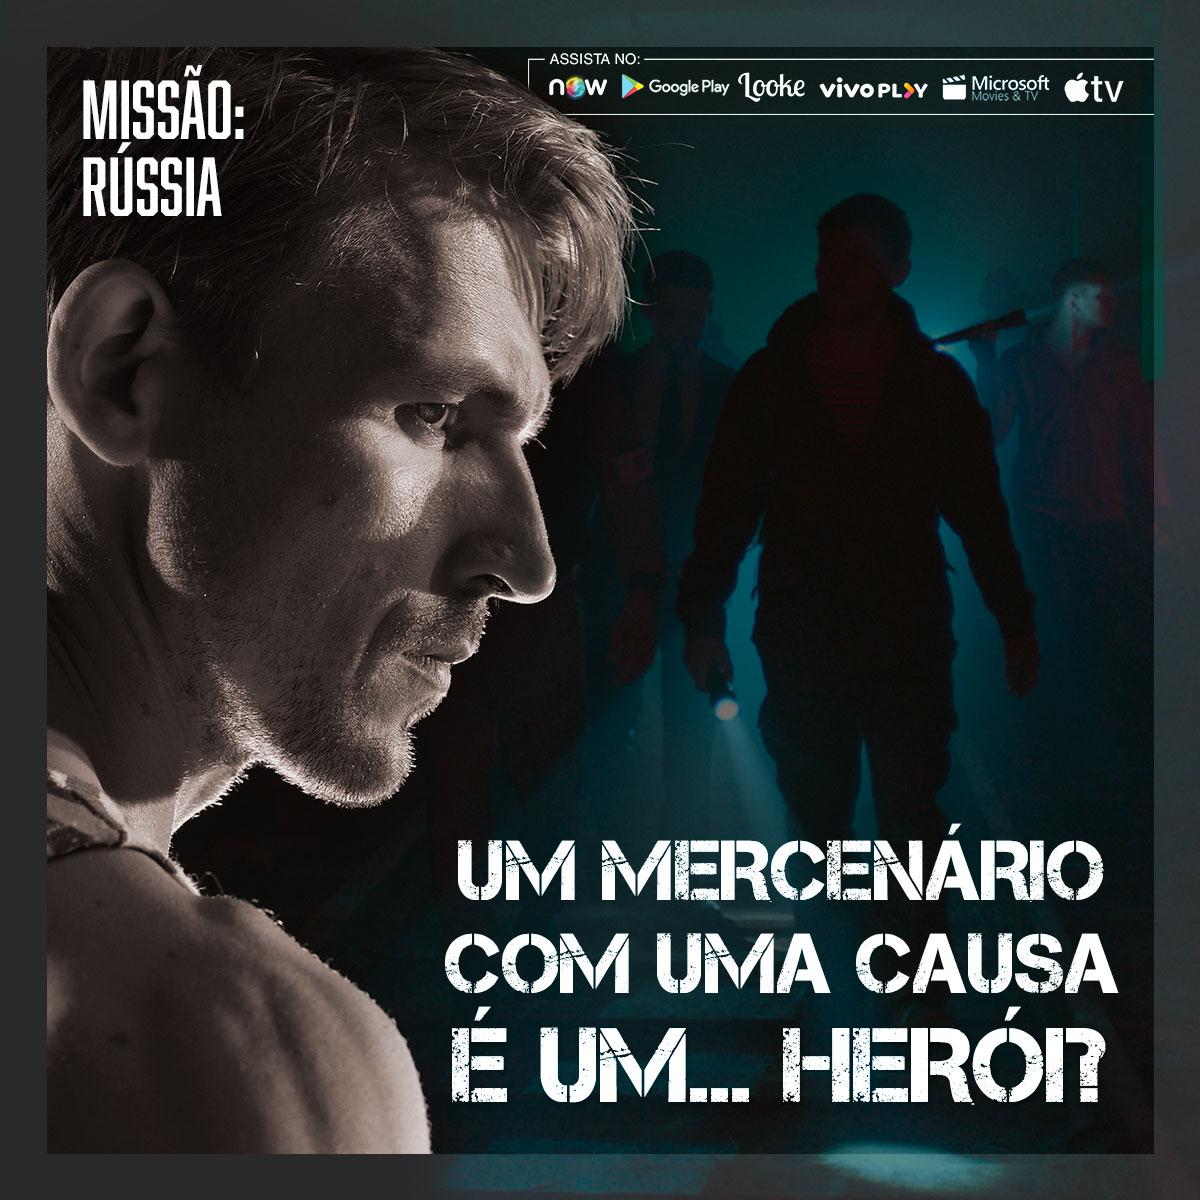 Missao-Russia_stills_tagline